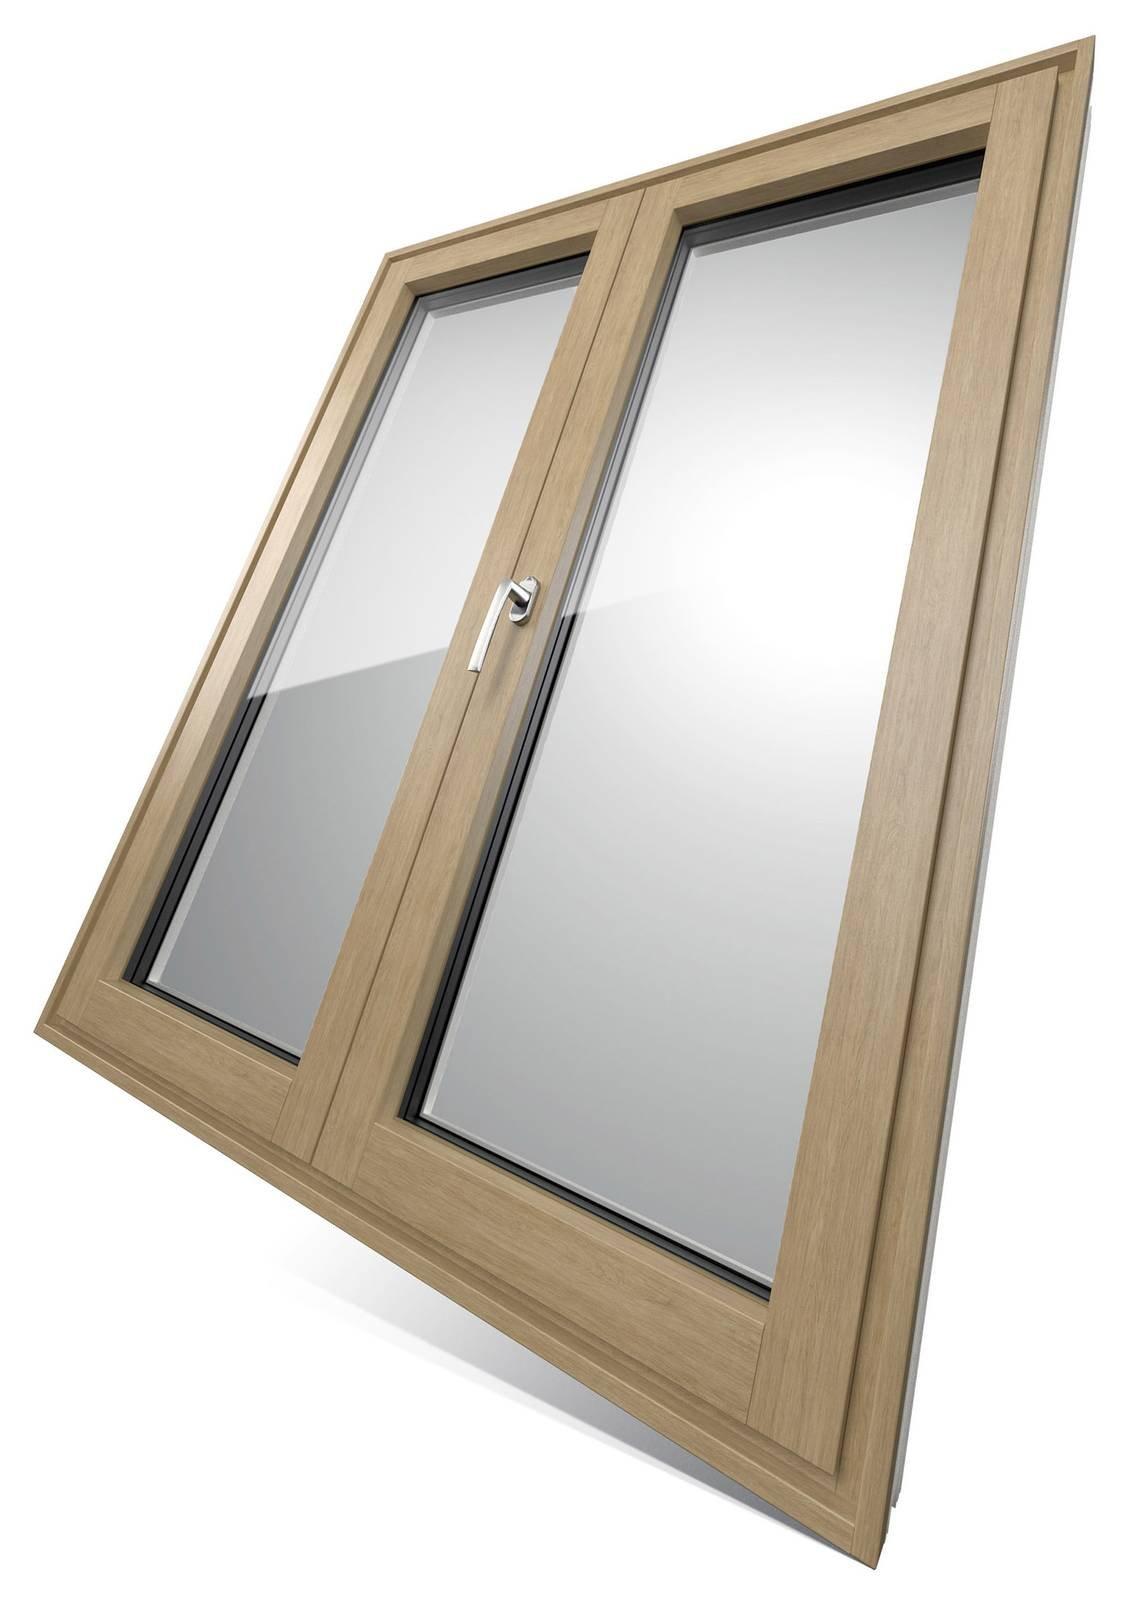 Serramenti Pvc O Alluminio Opinioni le nuove finestre in alluminio-legno e pvc-legno - cose di casa